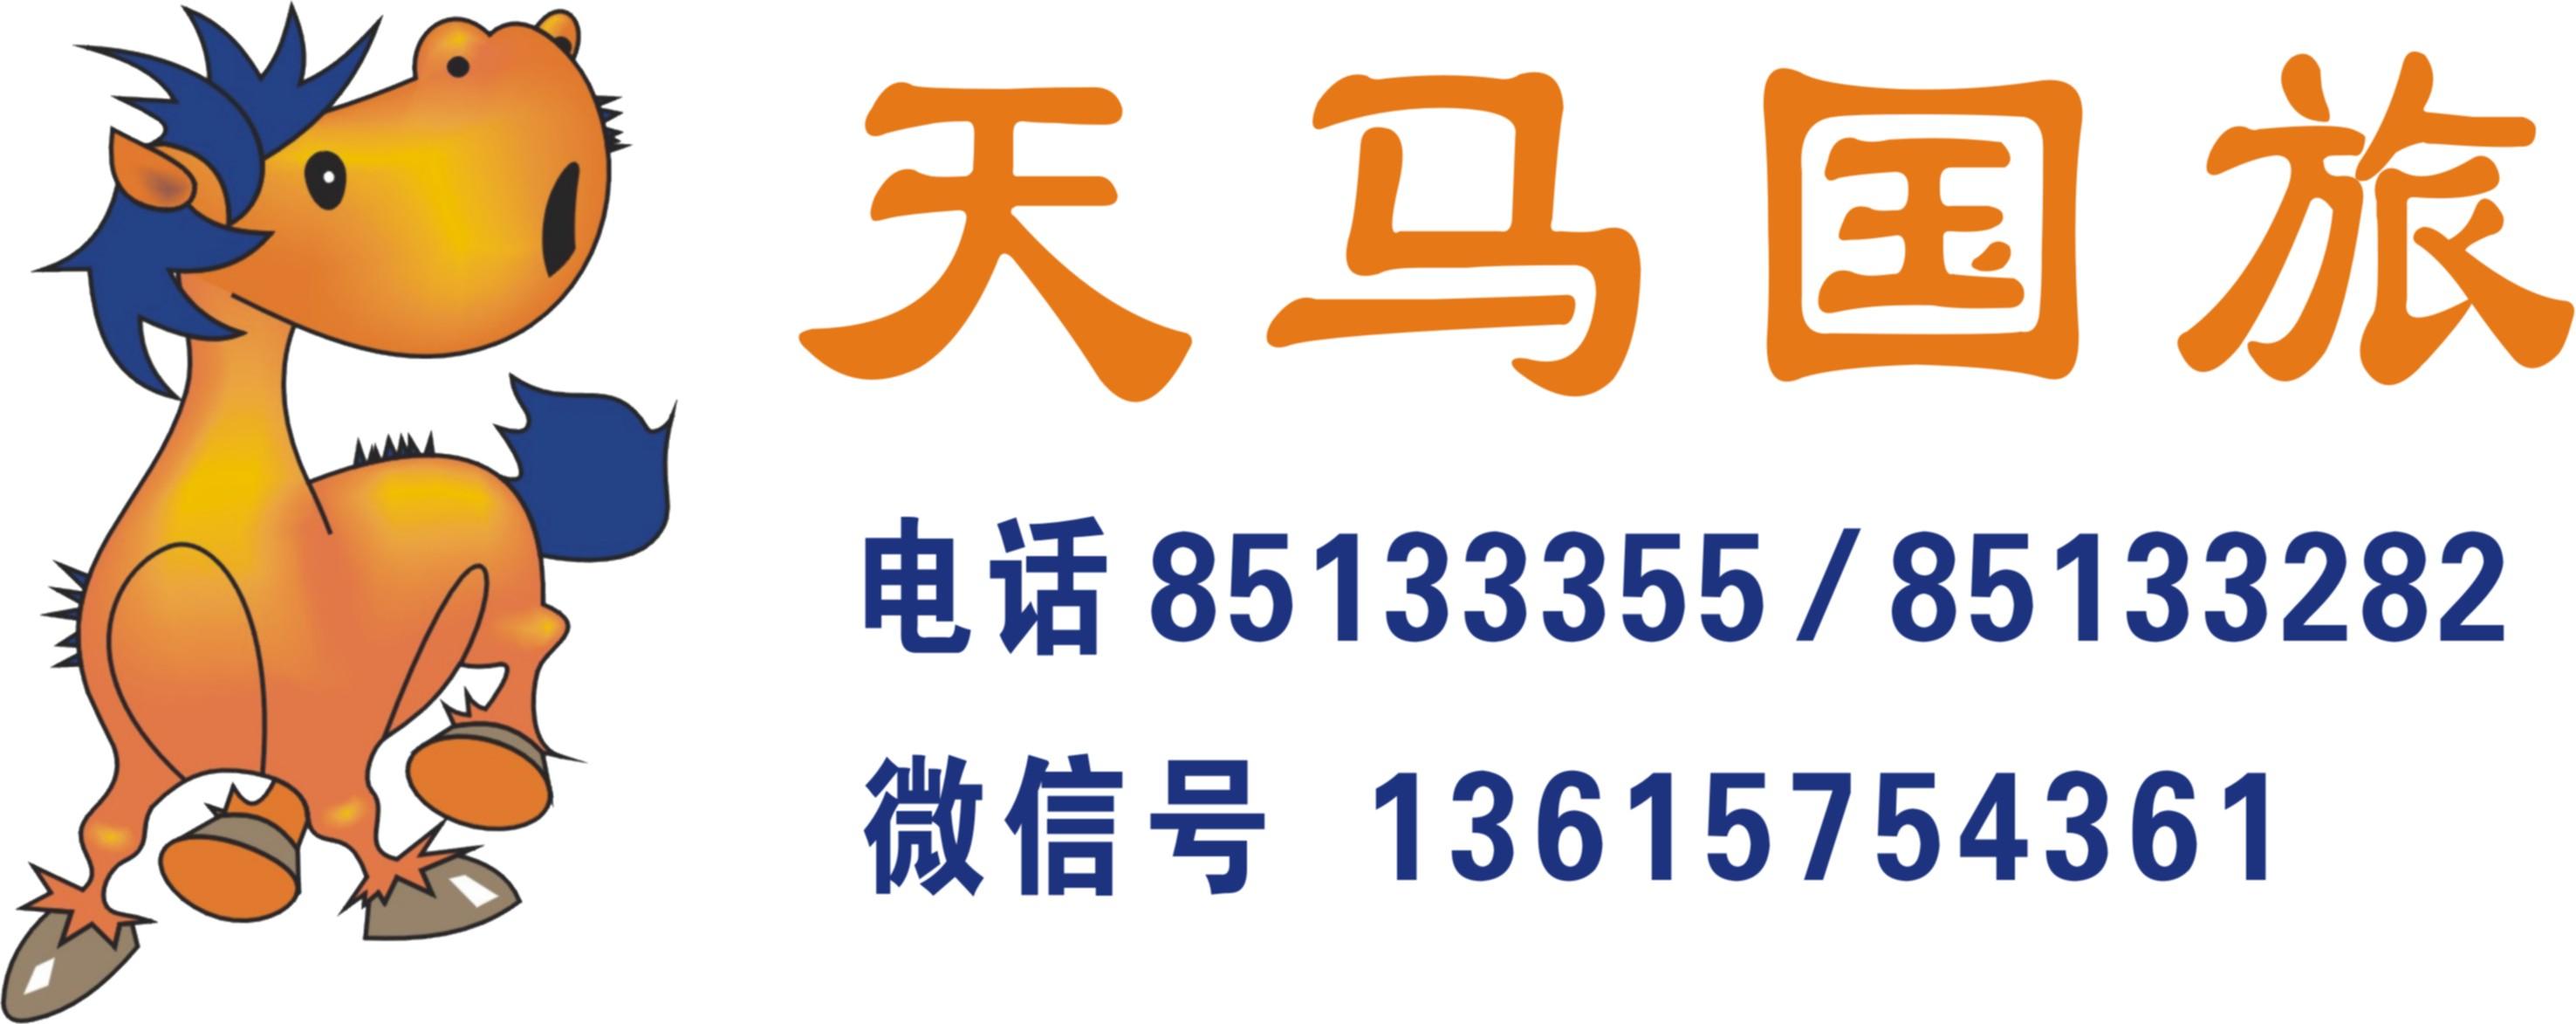 6.15【富阳龙门古镇、琴溪香谷、千岛湖中心湖区二日】